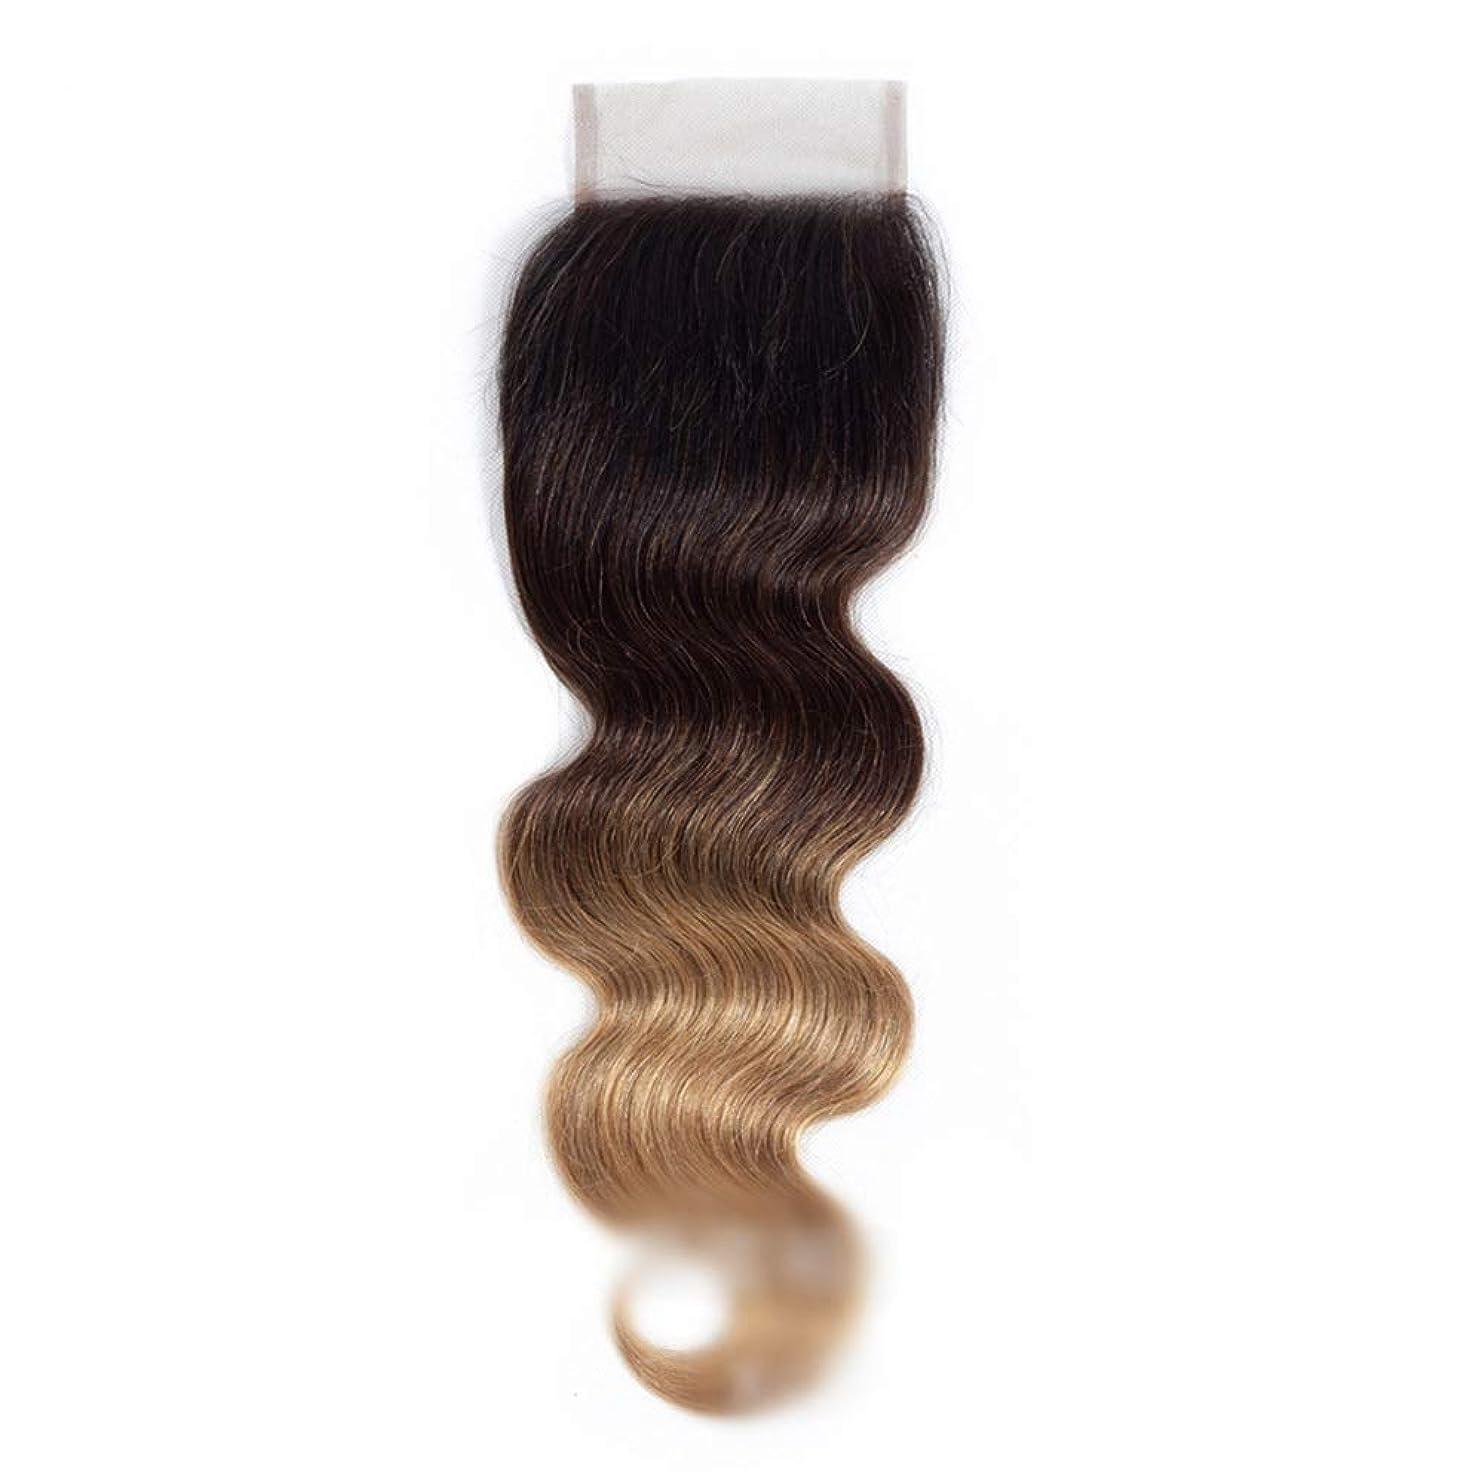 出します不実僕のHOHYLLYA ブラジルの実体波人間の髪の毛の耳に4 * 4レース前頭閉鎖1B / 4/27 3トーンカラーブラウンウィッグロングストレートウィッグ (色 : ブラウン, サイズ : 16 inch)